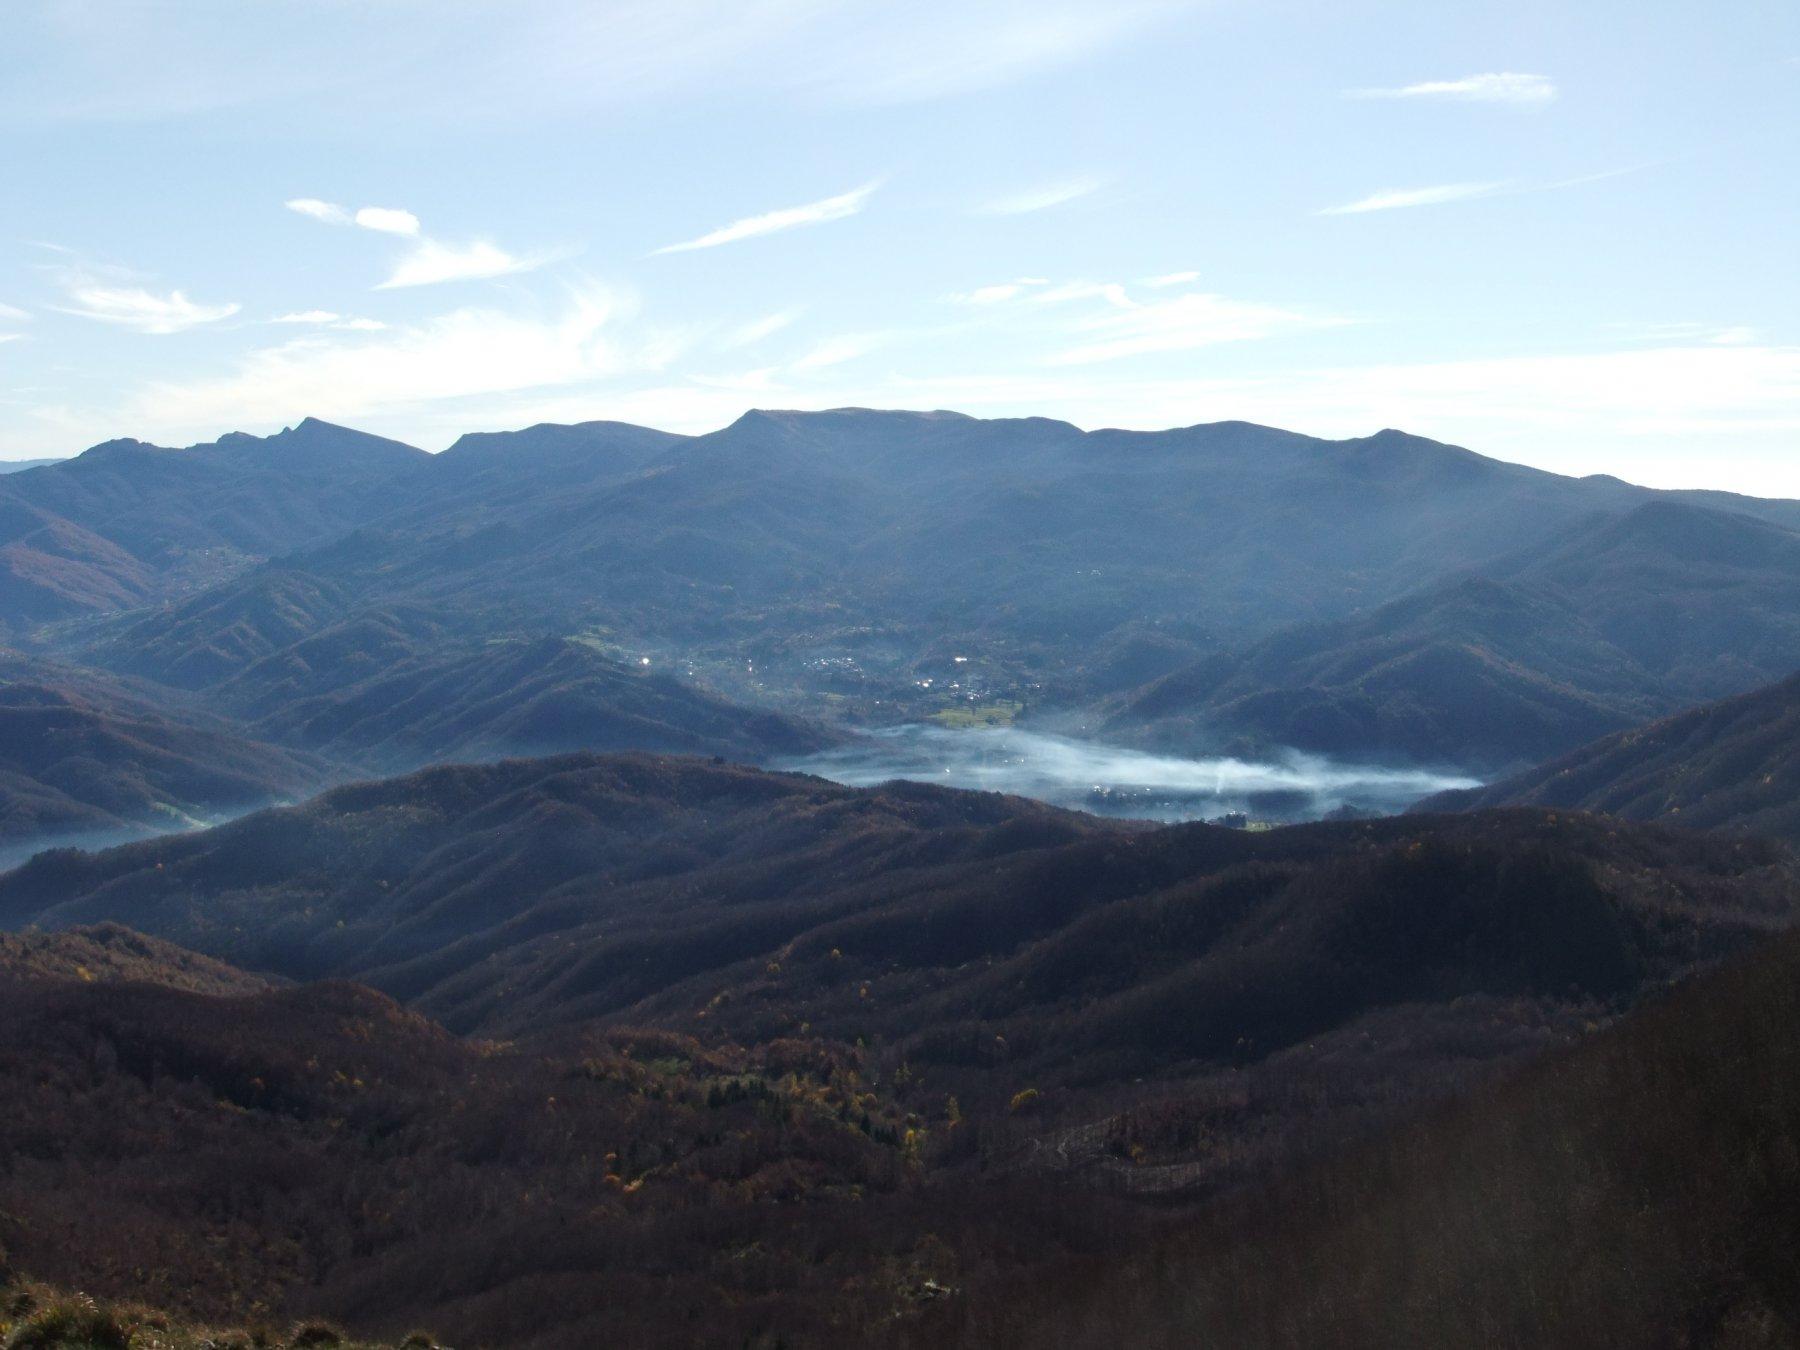 Val d' Aveto